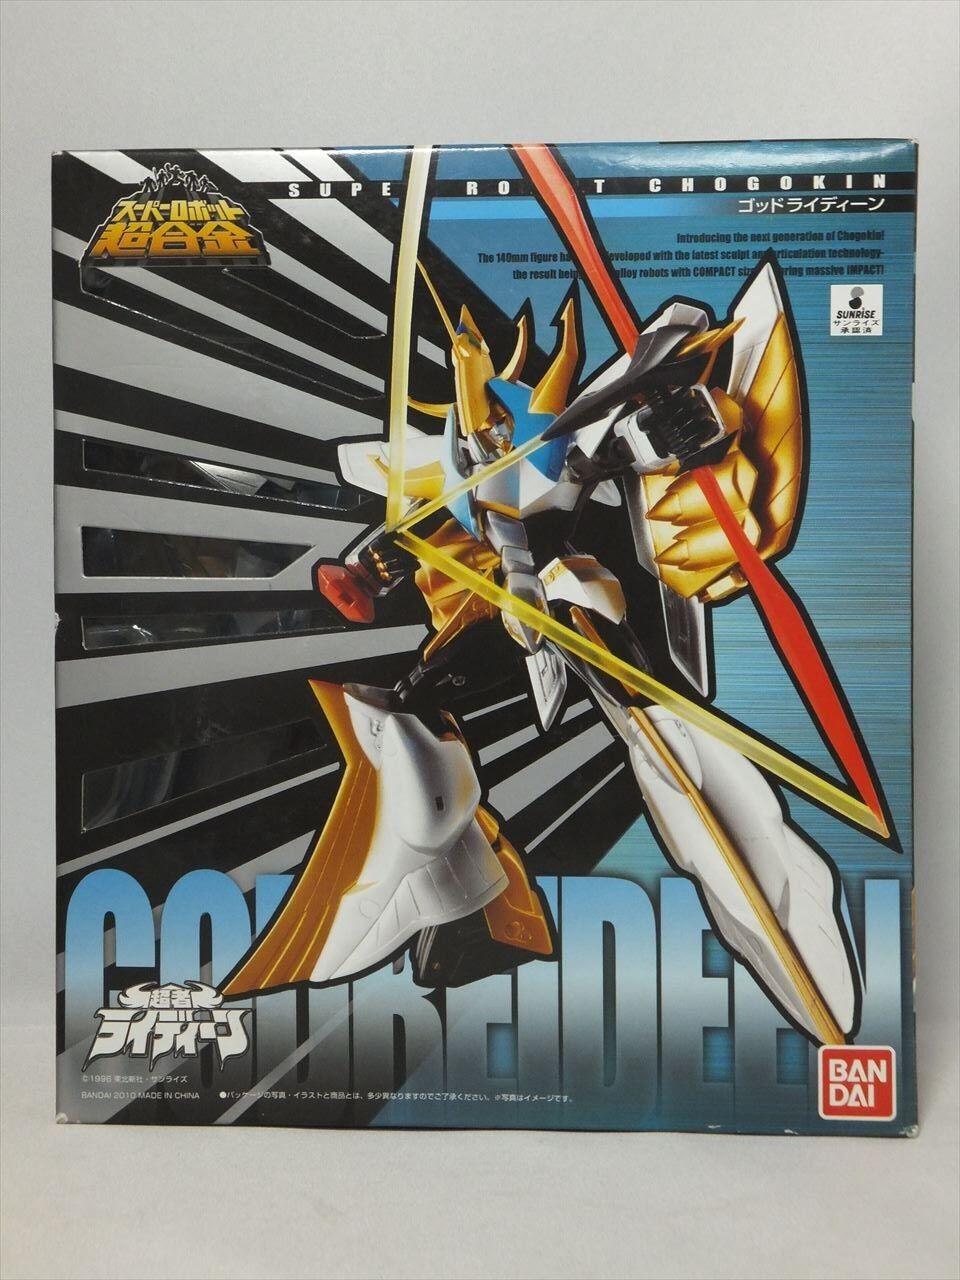 BANDAI Super Robot Chogokin GOD REIDEEN mazinger rare